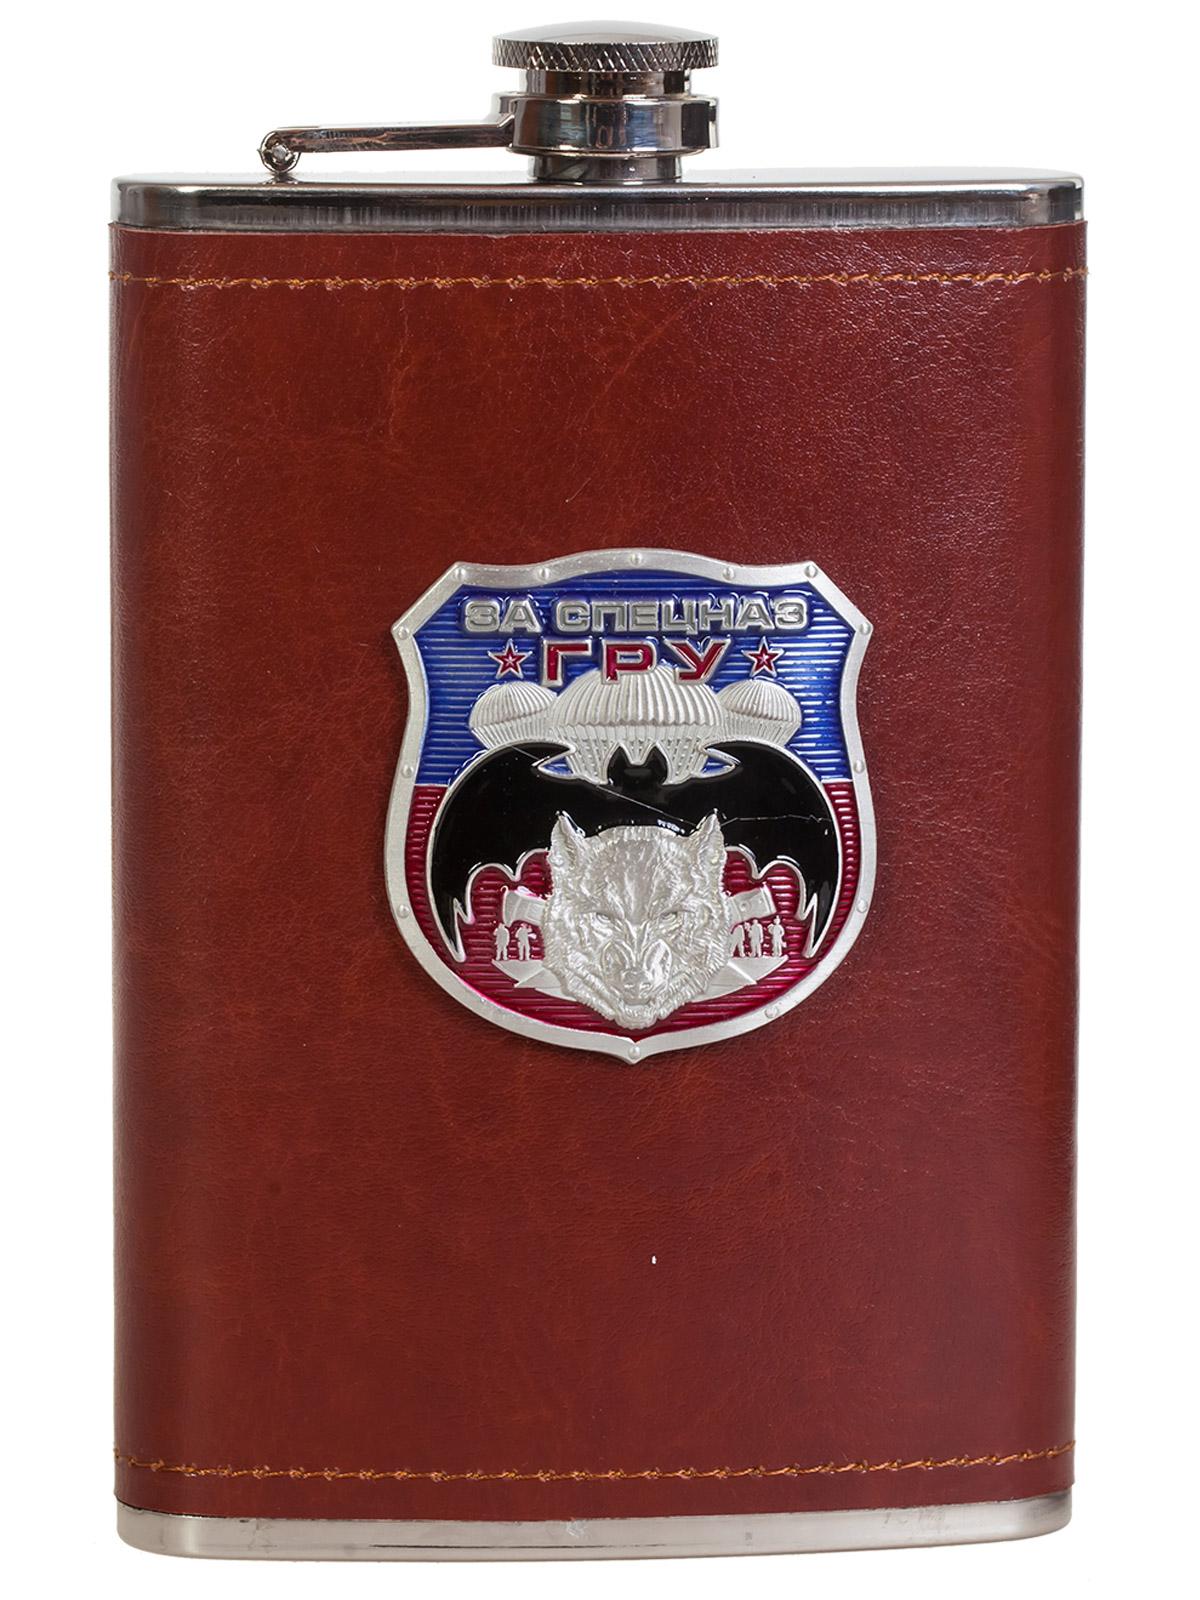 Подарочная крутая фляга в кожаном чехле с накладкой За Спецназ ГРУ